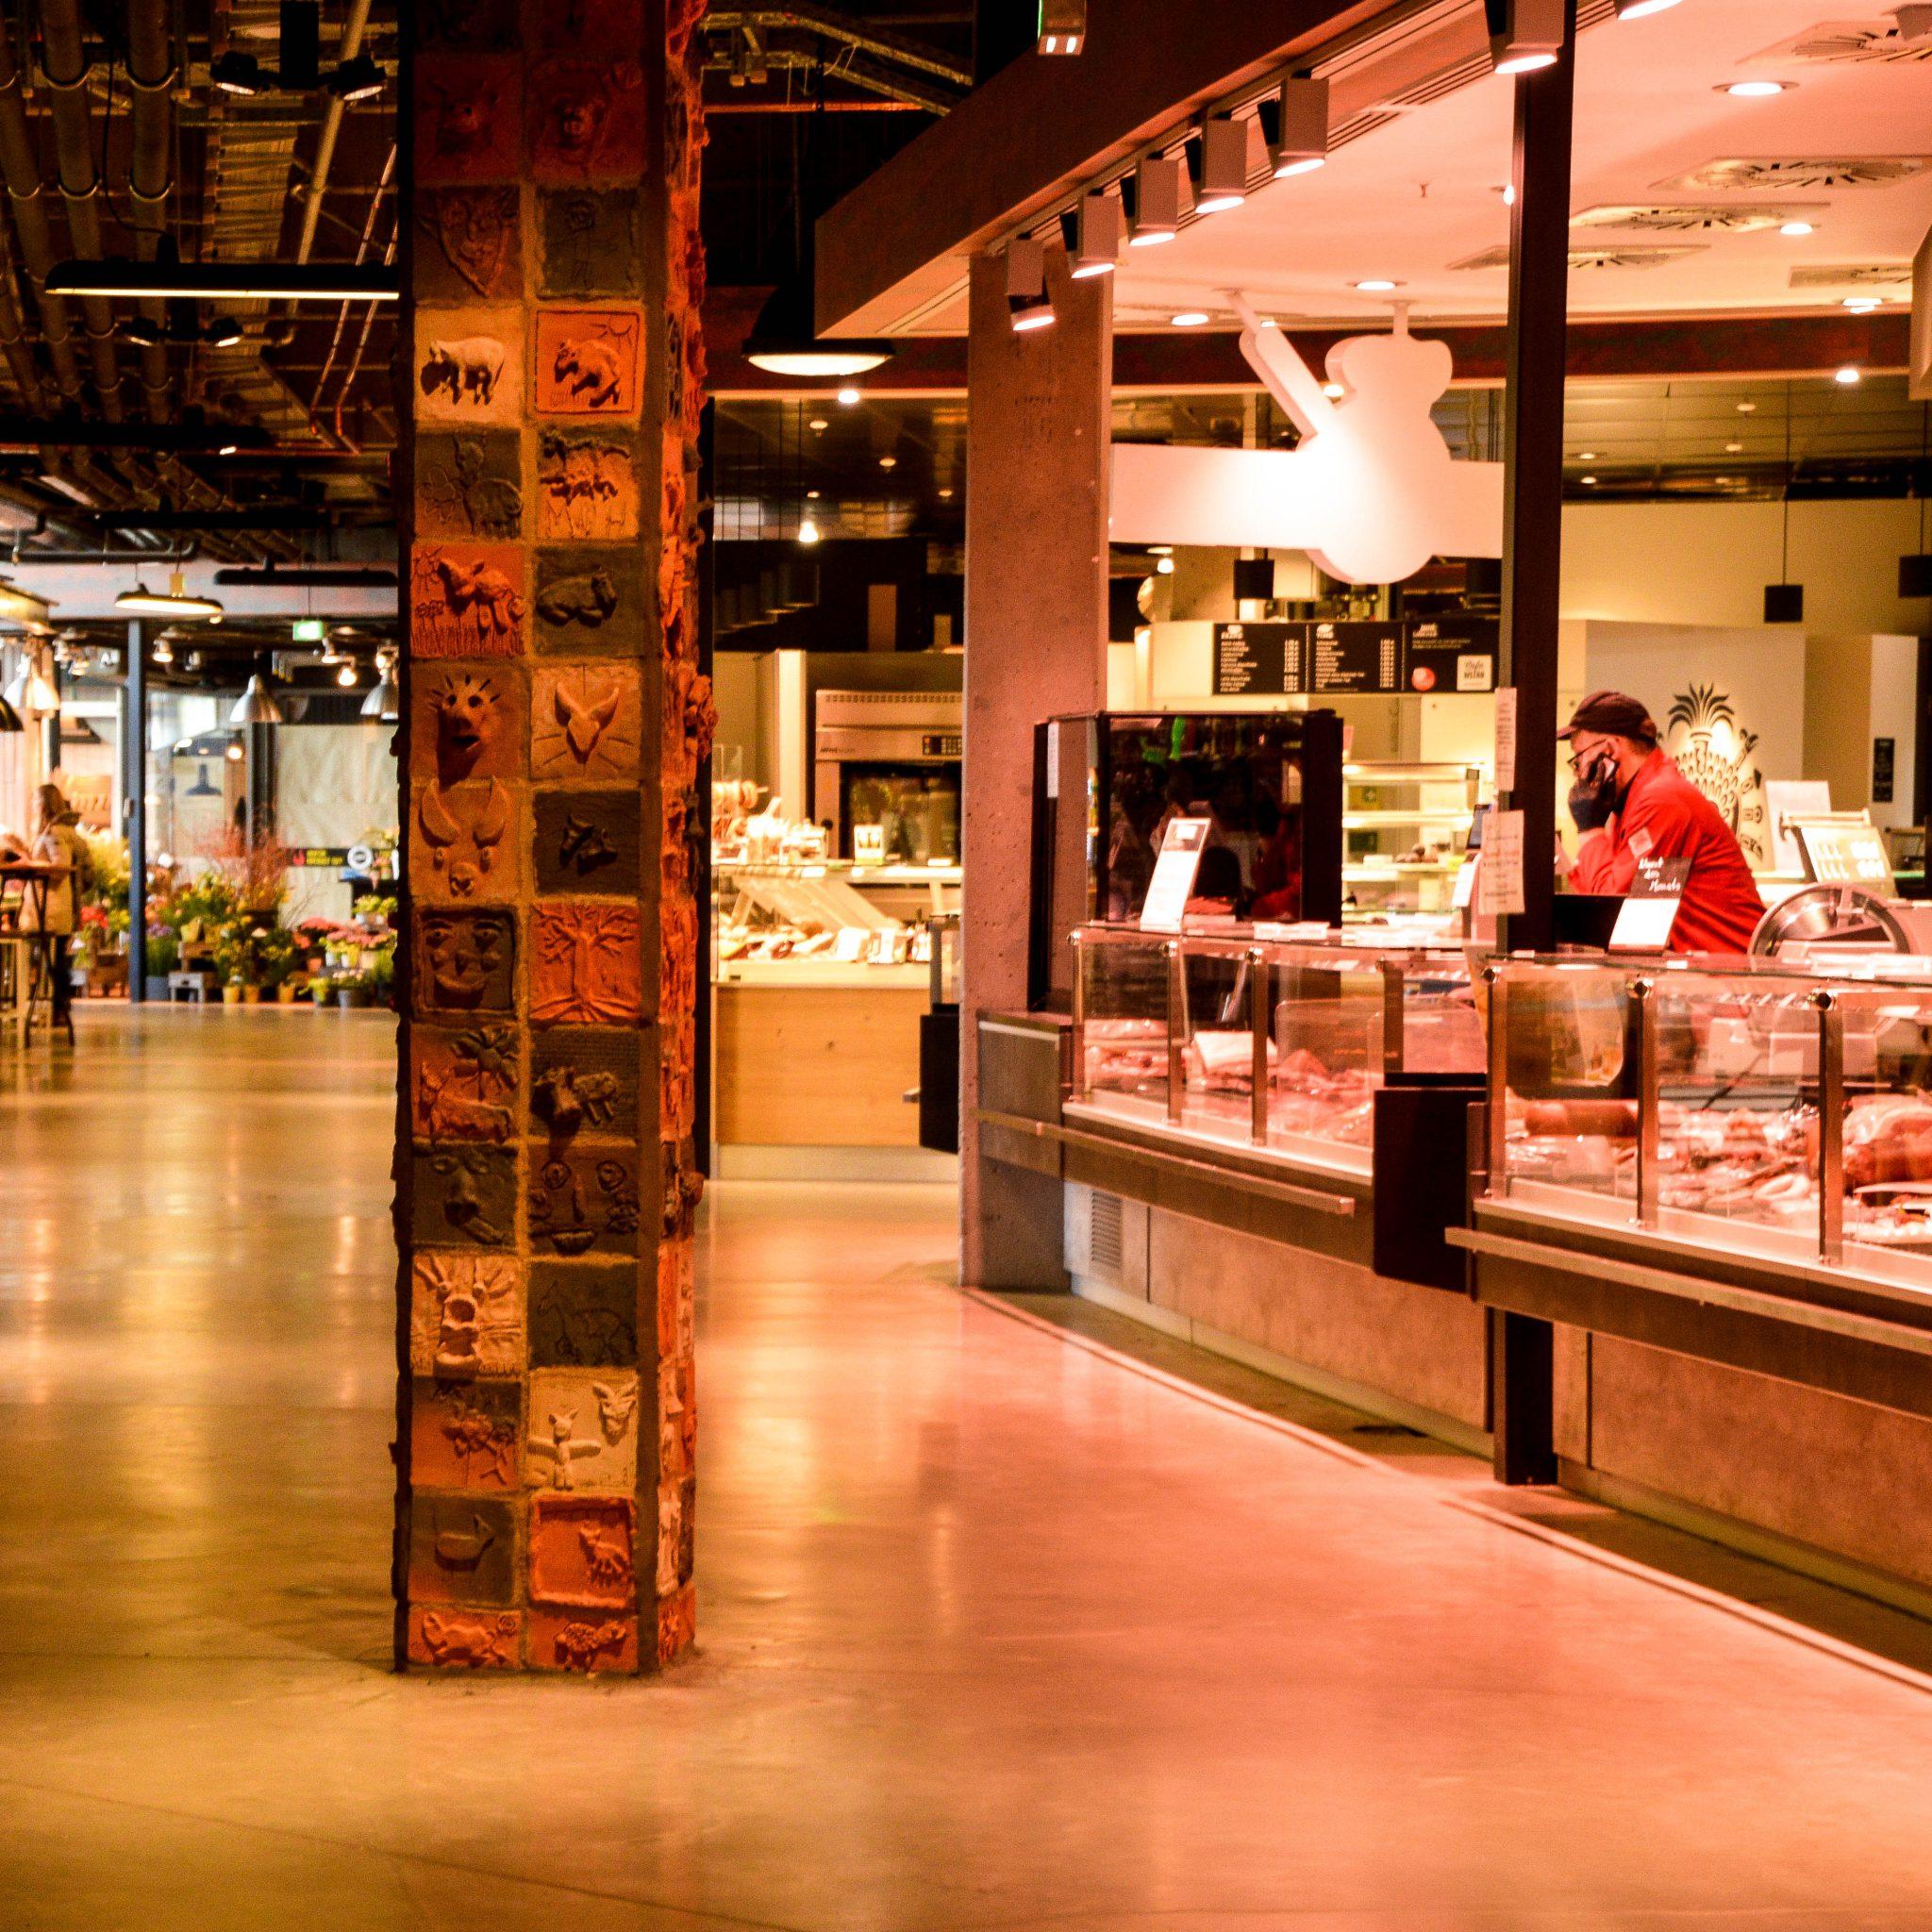 Rindermarkthalle: Der überdachte Wochenmarkt auf St. Pauli 09